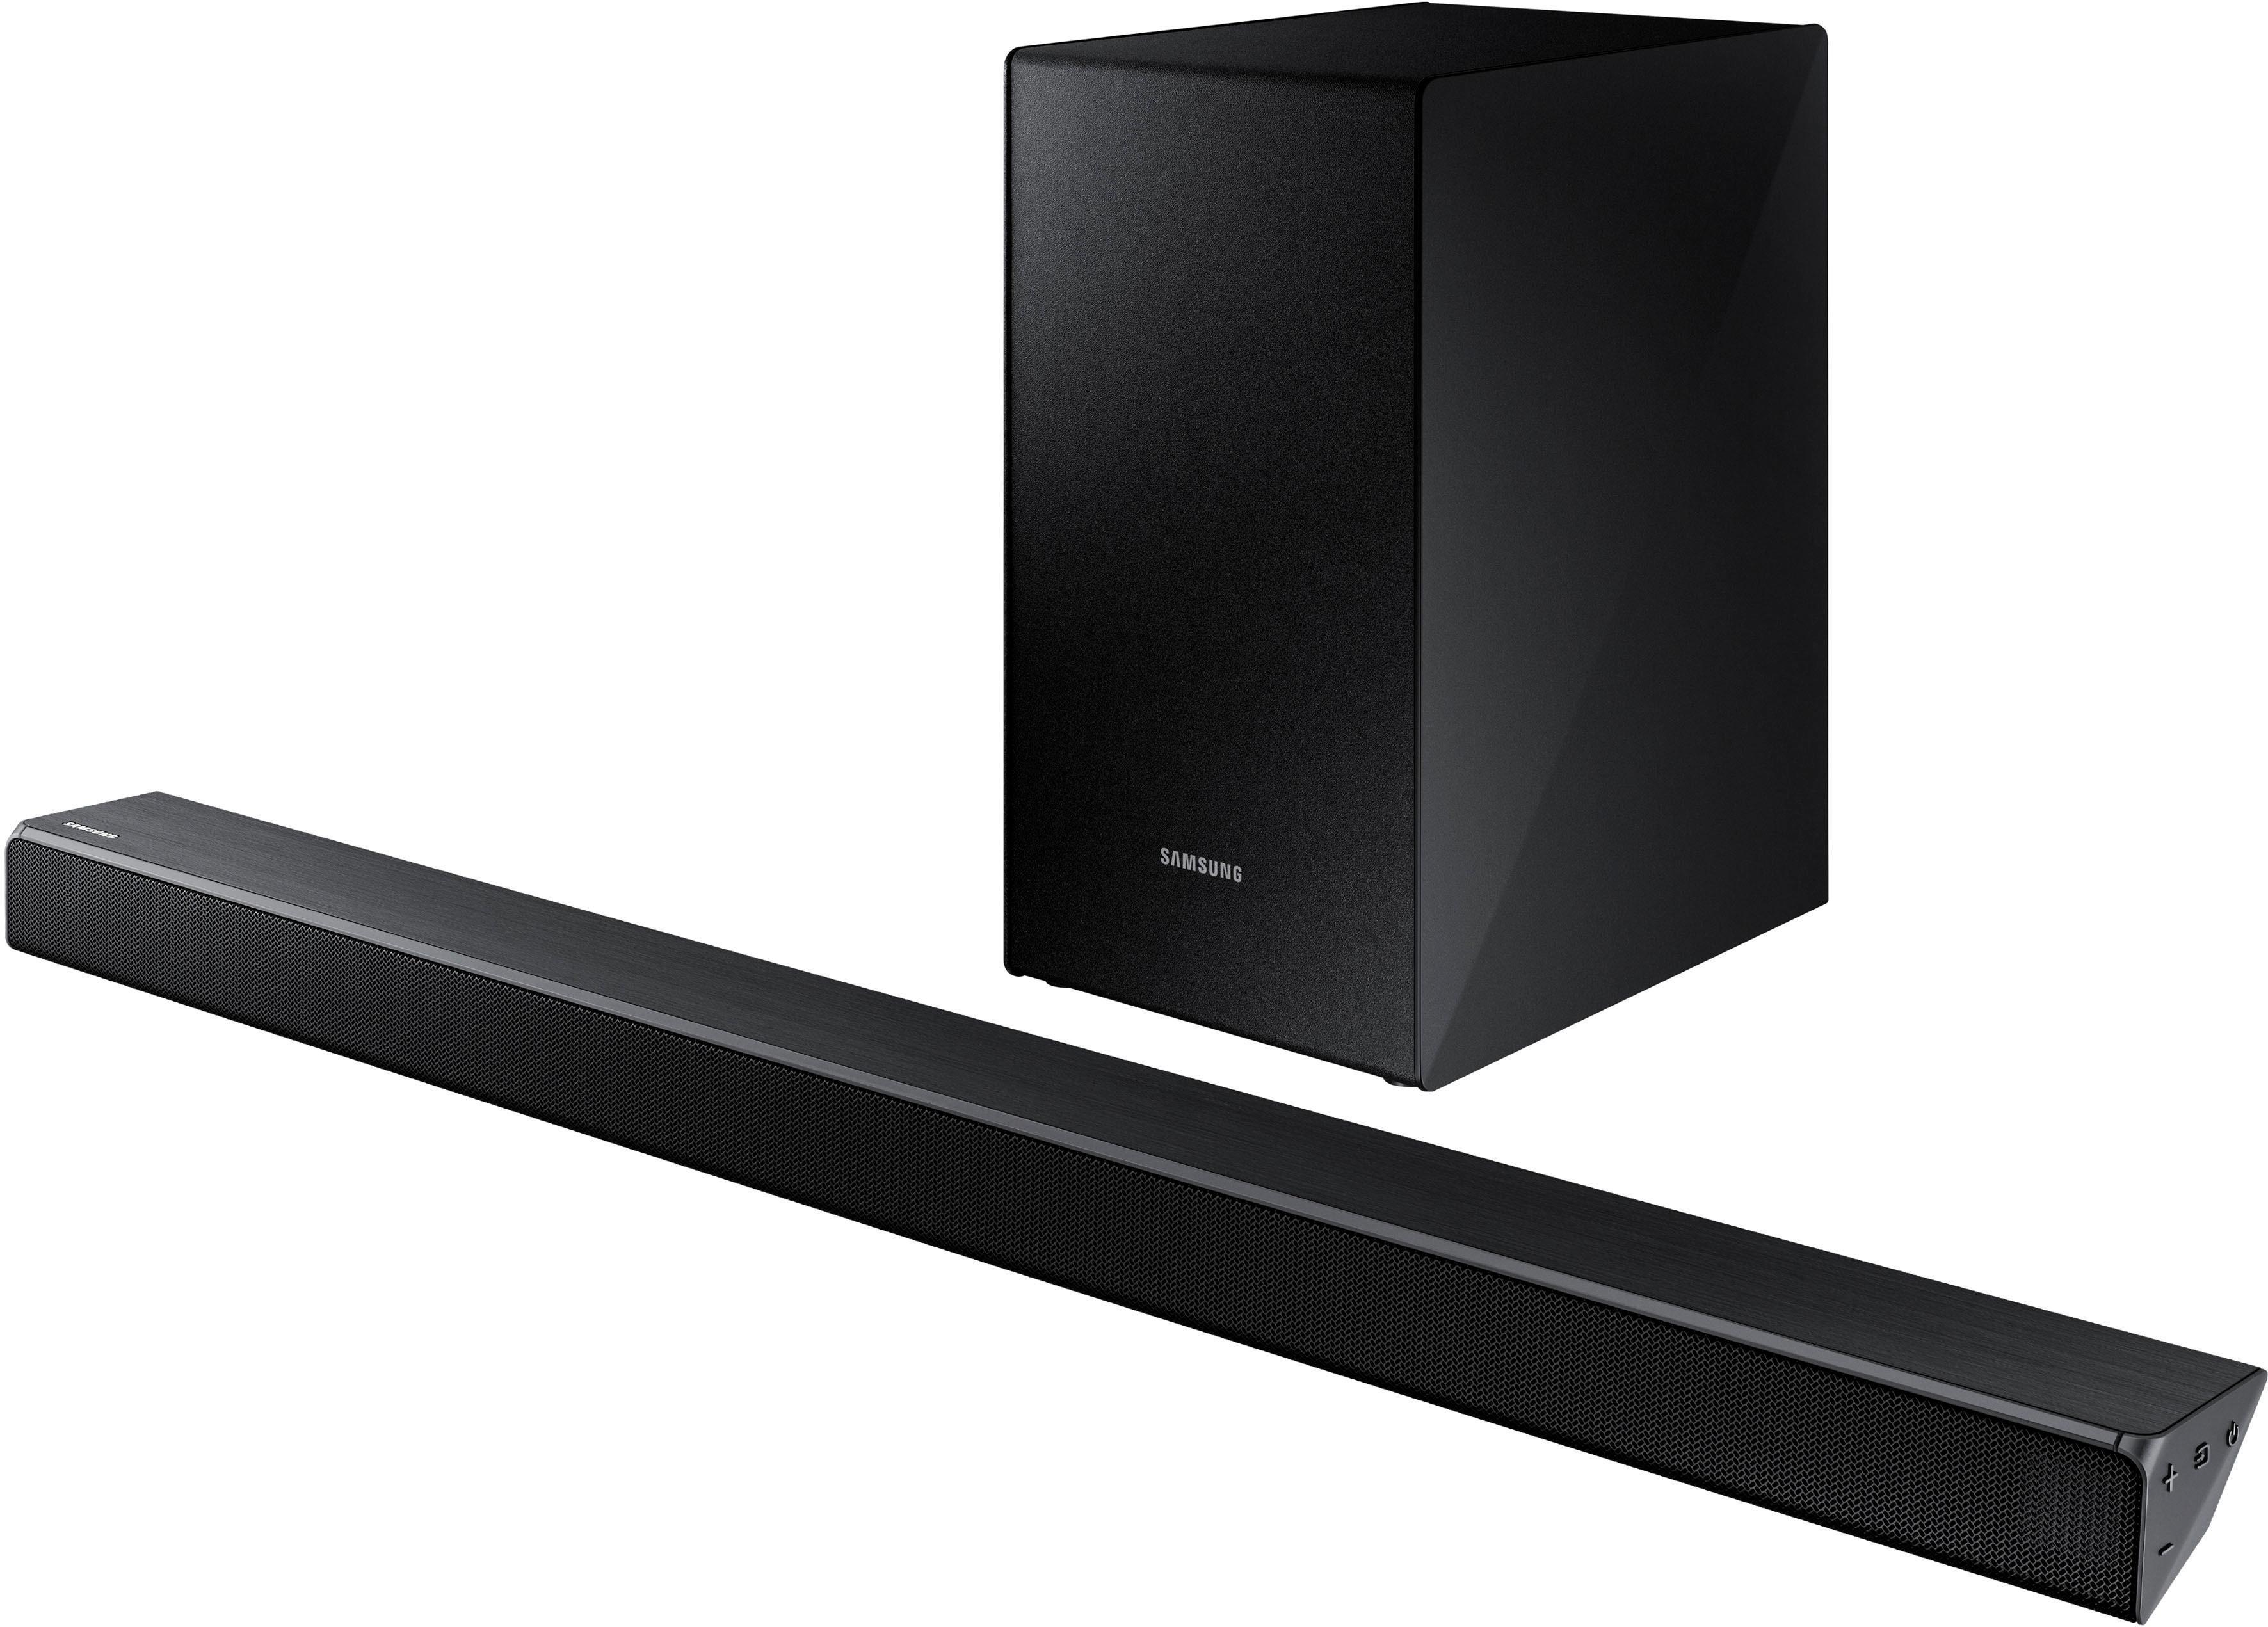 HW N450 ZG 2 1 Soundbar Bluetooth 320 W